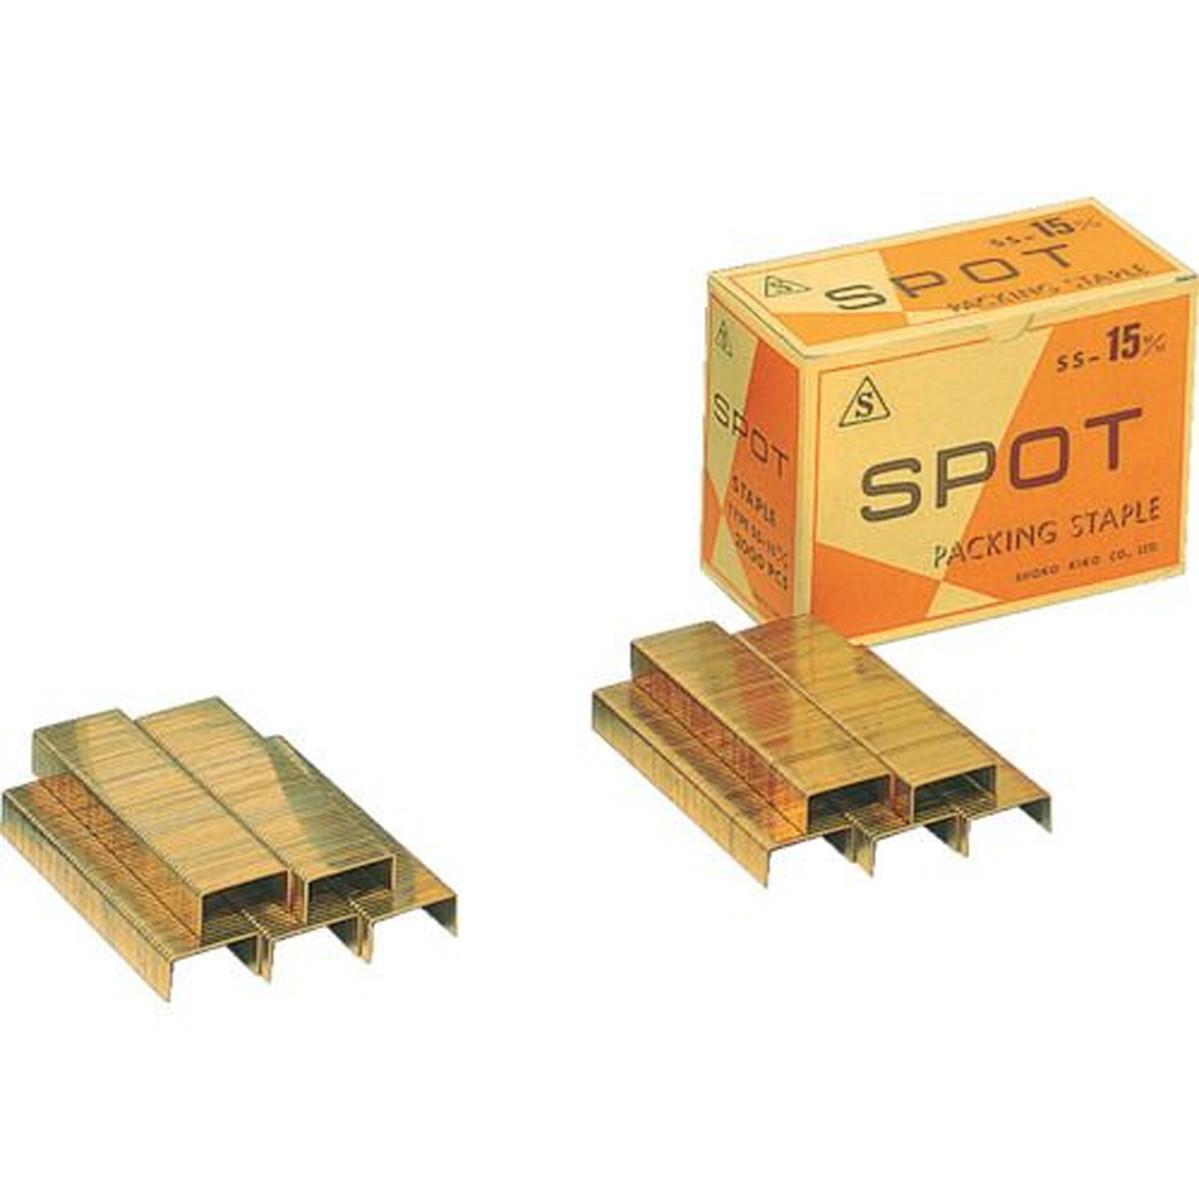 【絶品】 SPOT ステープル SS−18 SS-18 1箱 SPOT 18X35 1箱, スマイル仏壇:4e0b4da3 --- promotime.lt